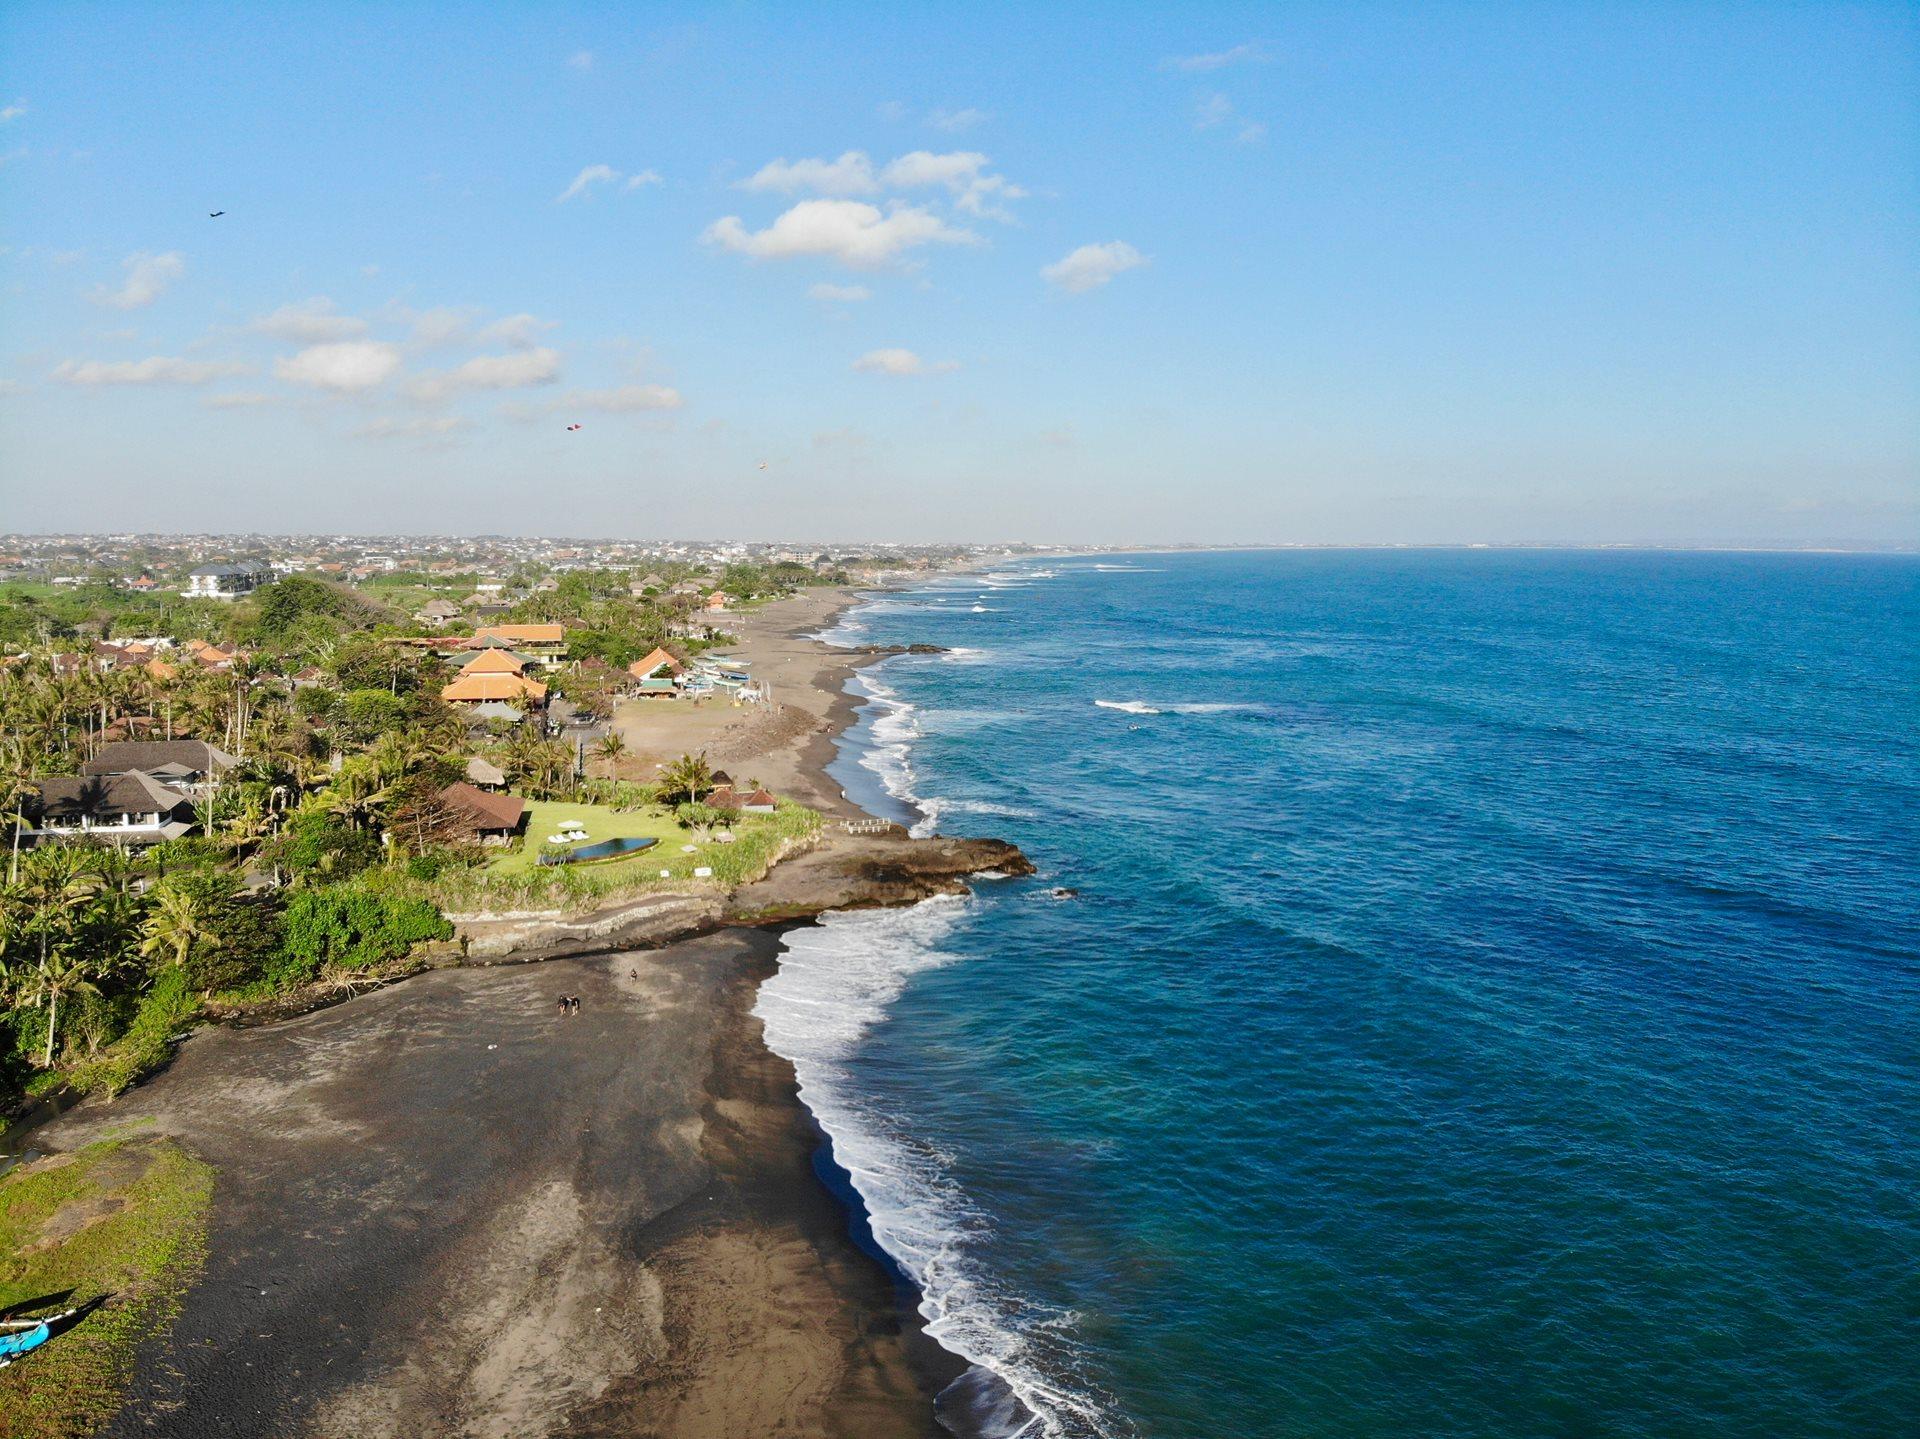 Las Mejores Villas De Bali Por Debajo De Los 100 Dólares